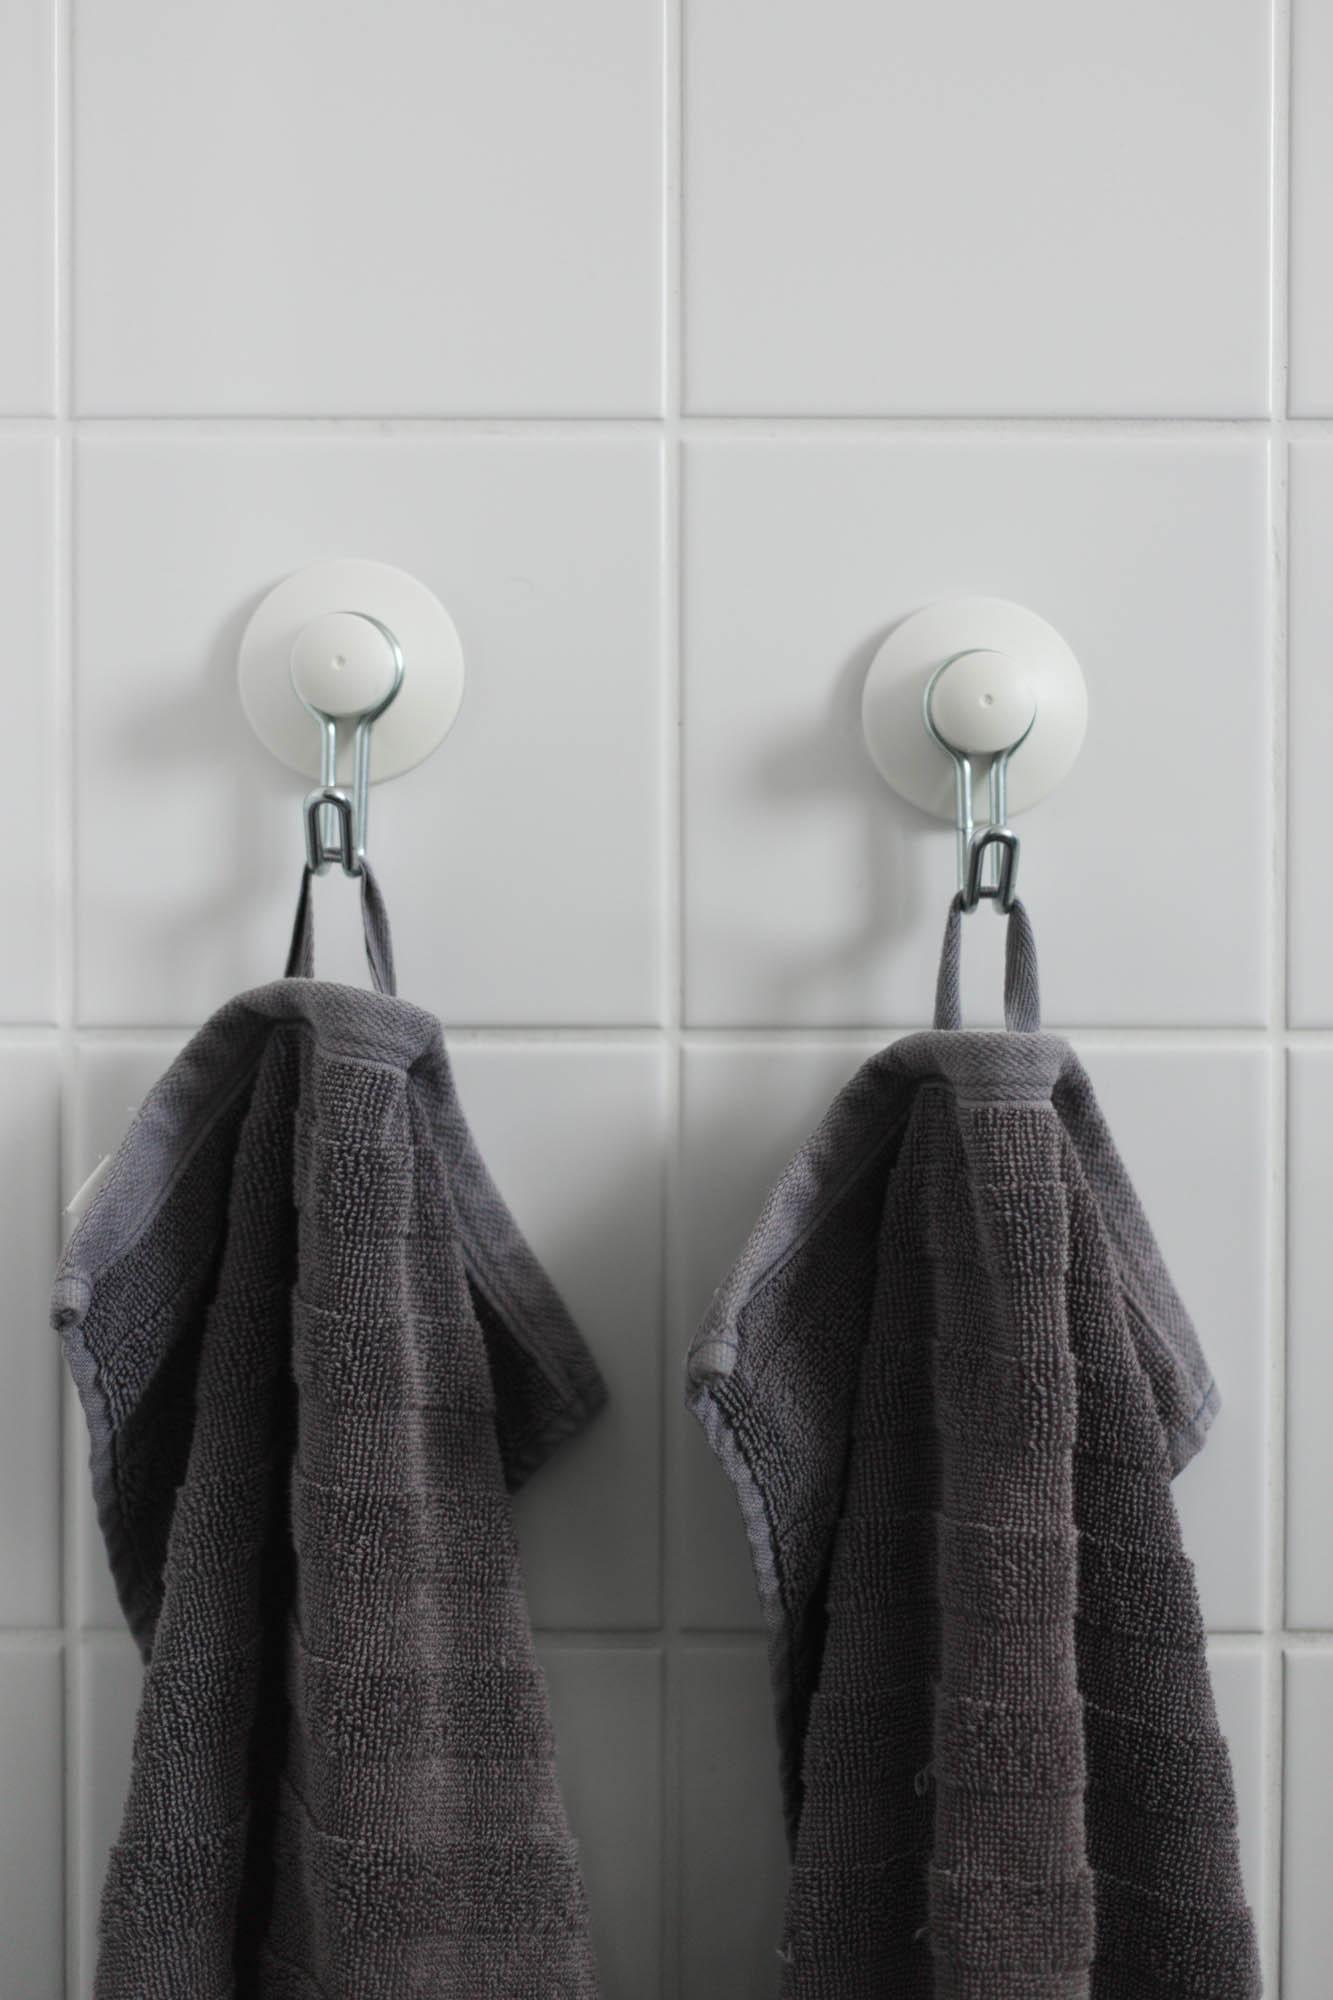 Krokar i badrummet - FÖRE